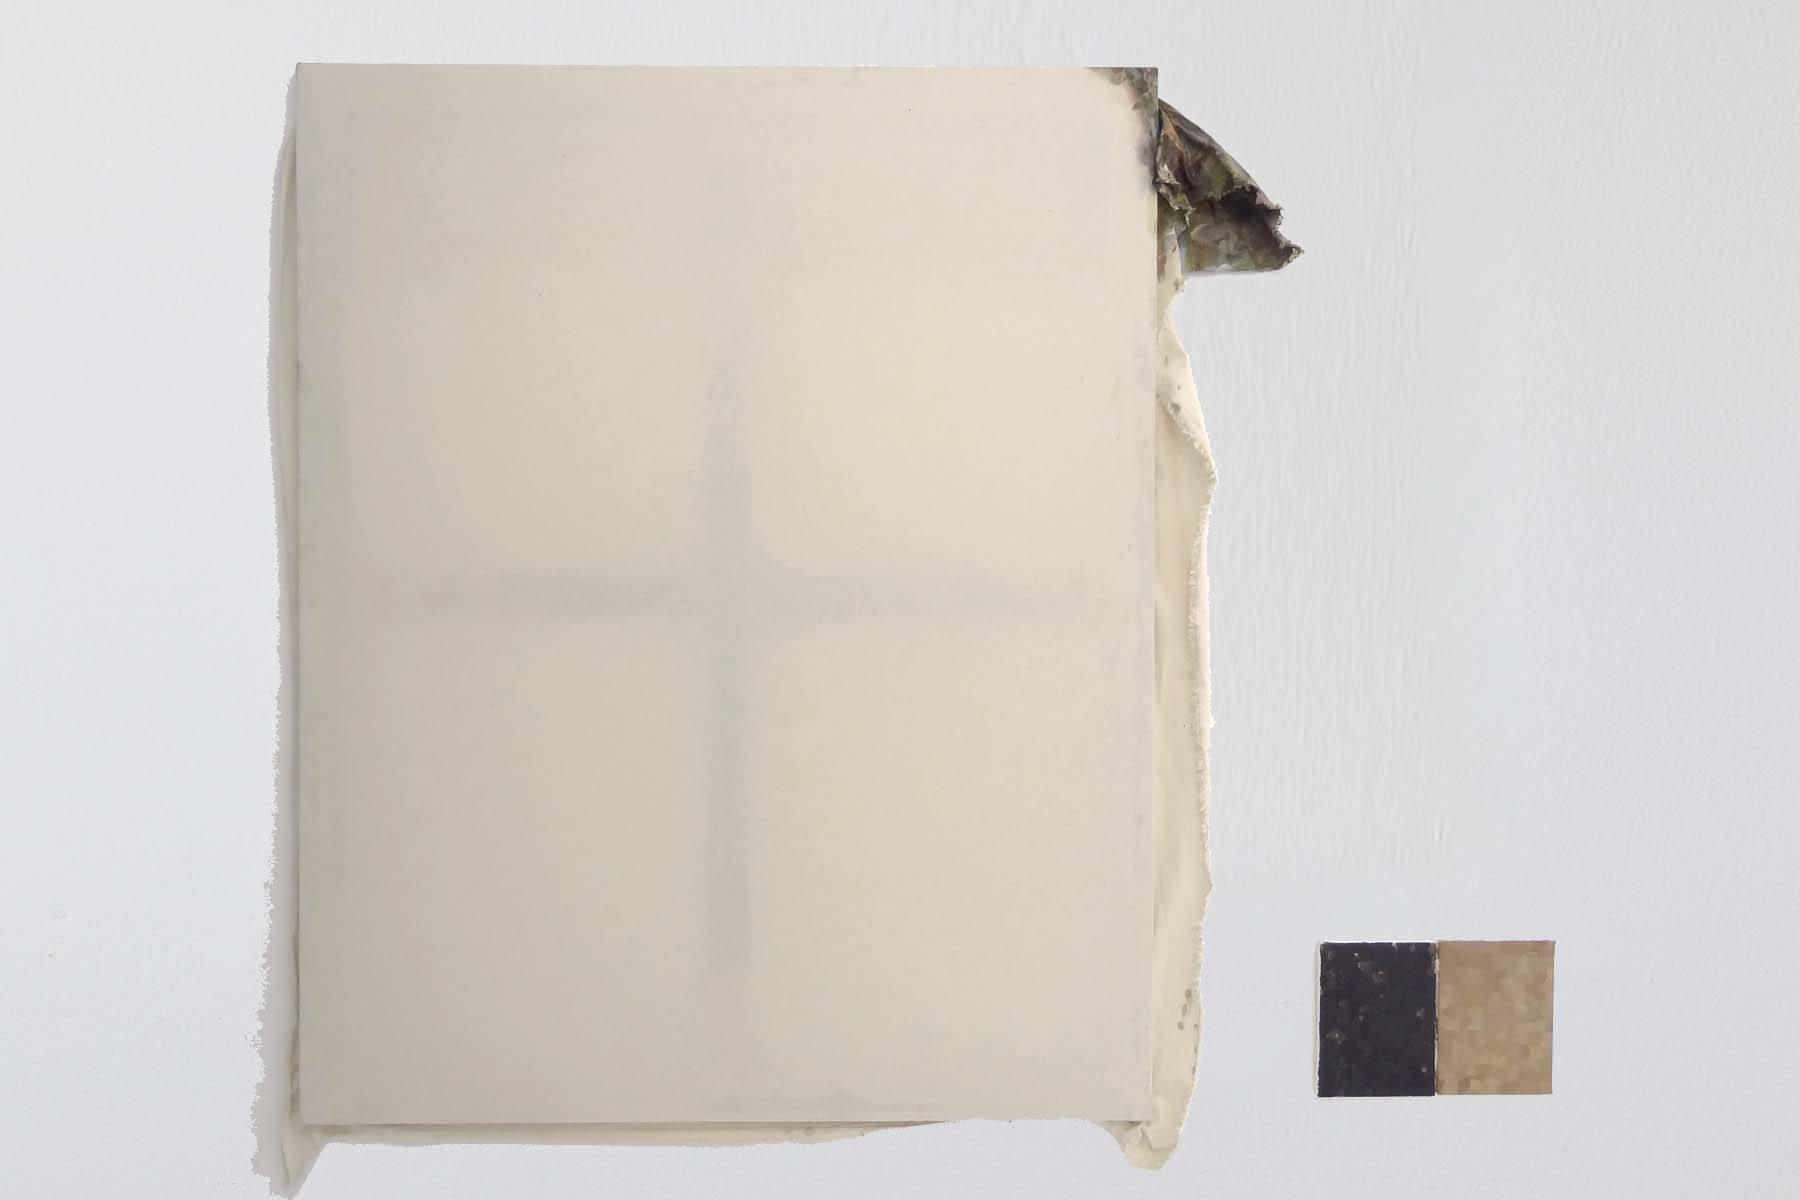 Valerio Nicolai, Gonna del corno, 2014, oil on raw canvas,